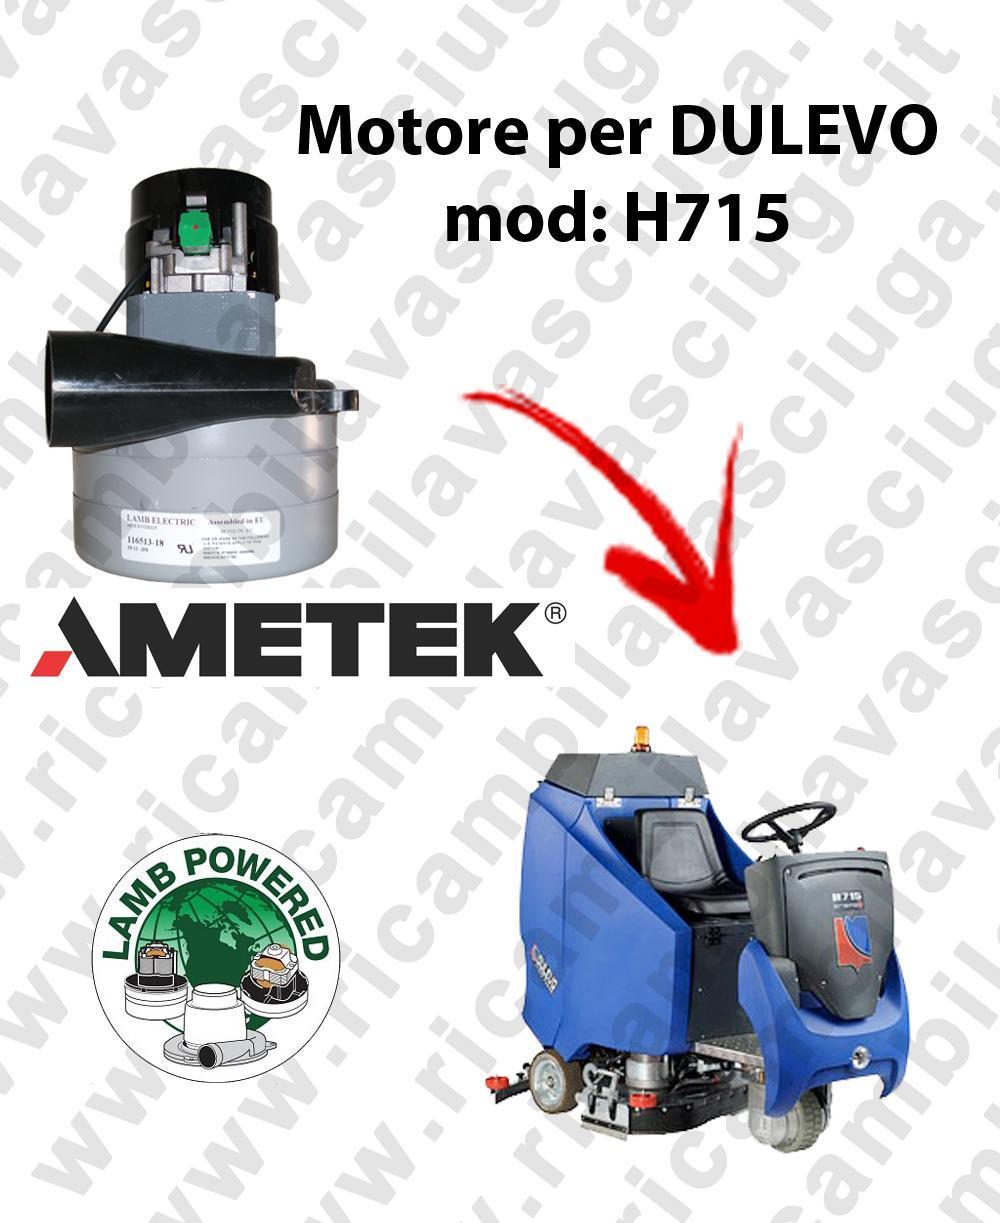 H715 MOTEUR ASPIRATION LAMB AMATEK pour autolaveuses DULEVO